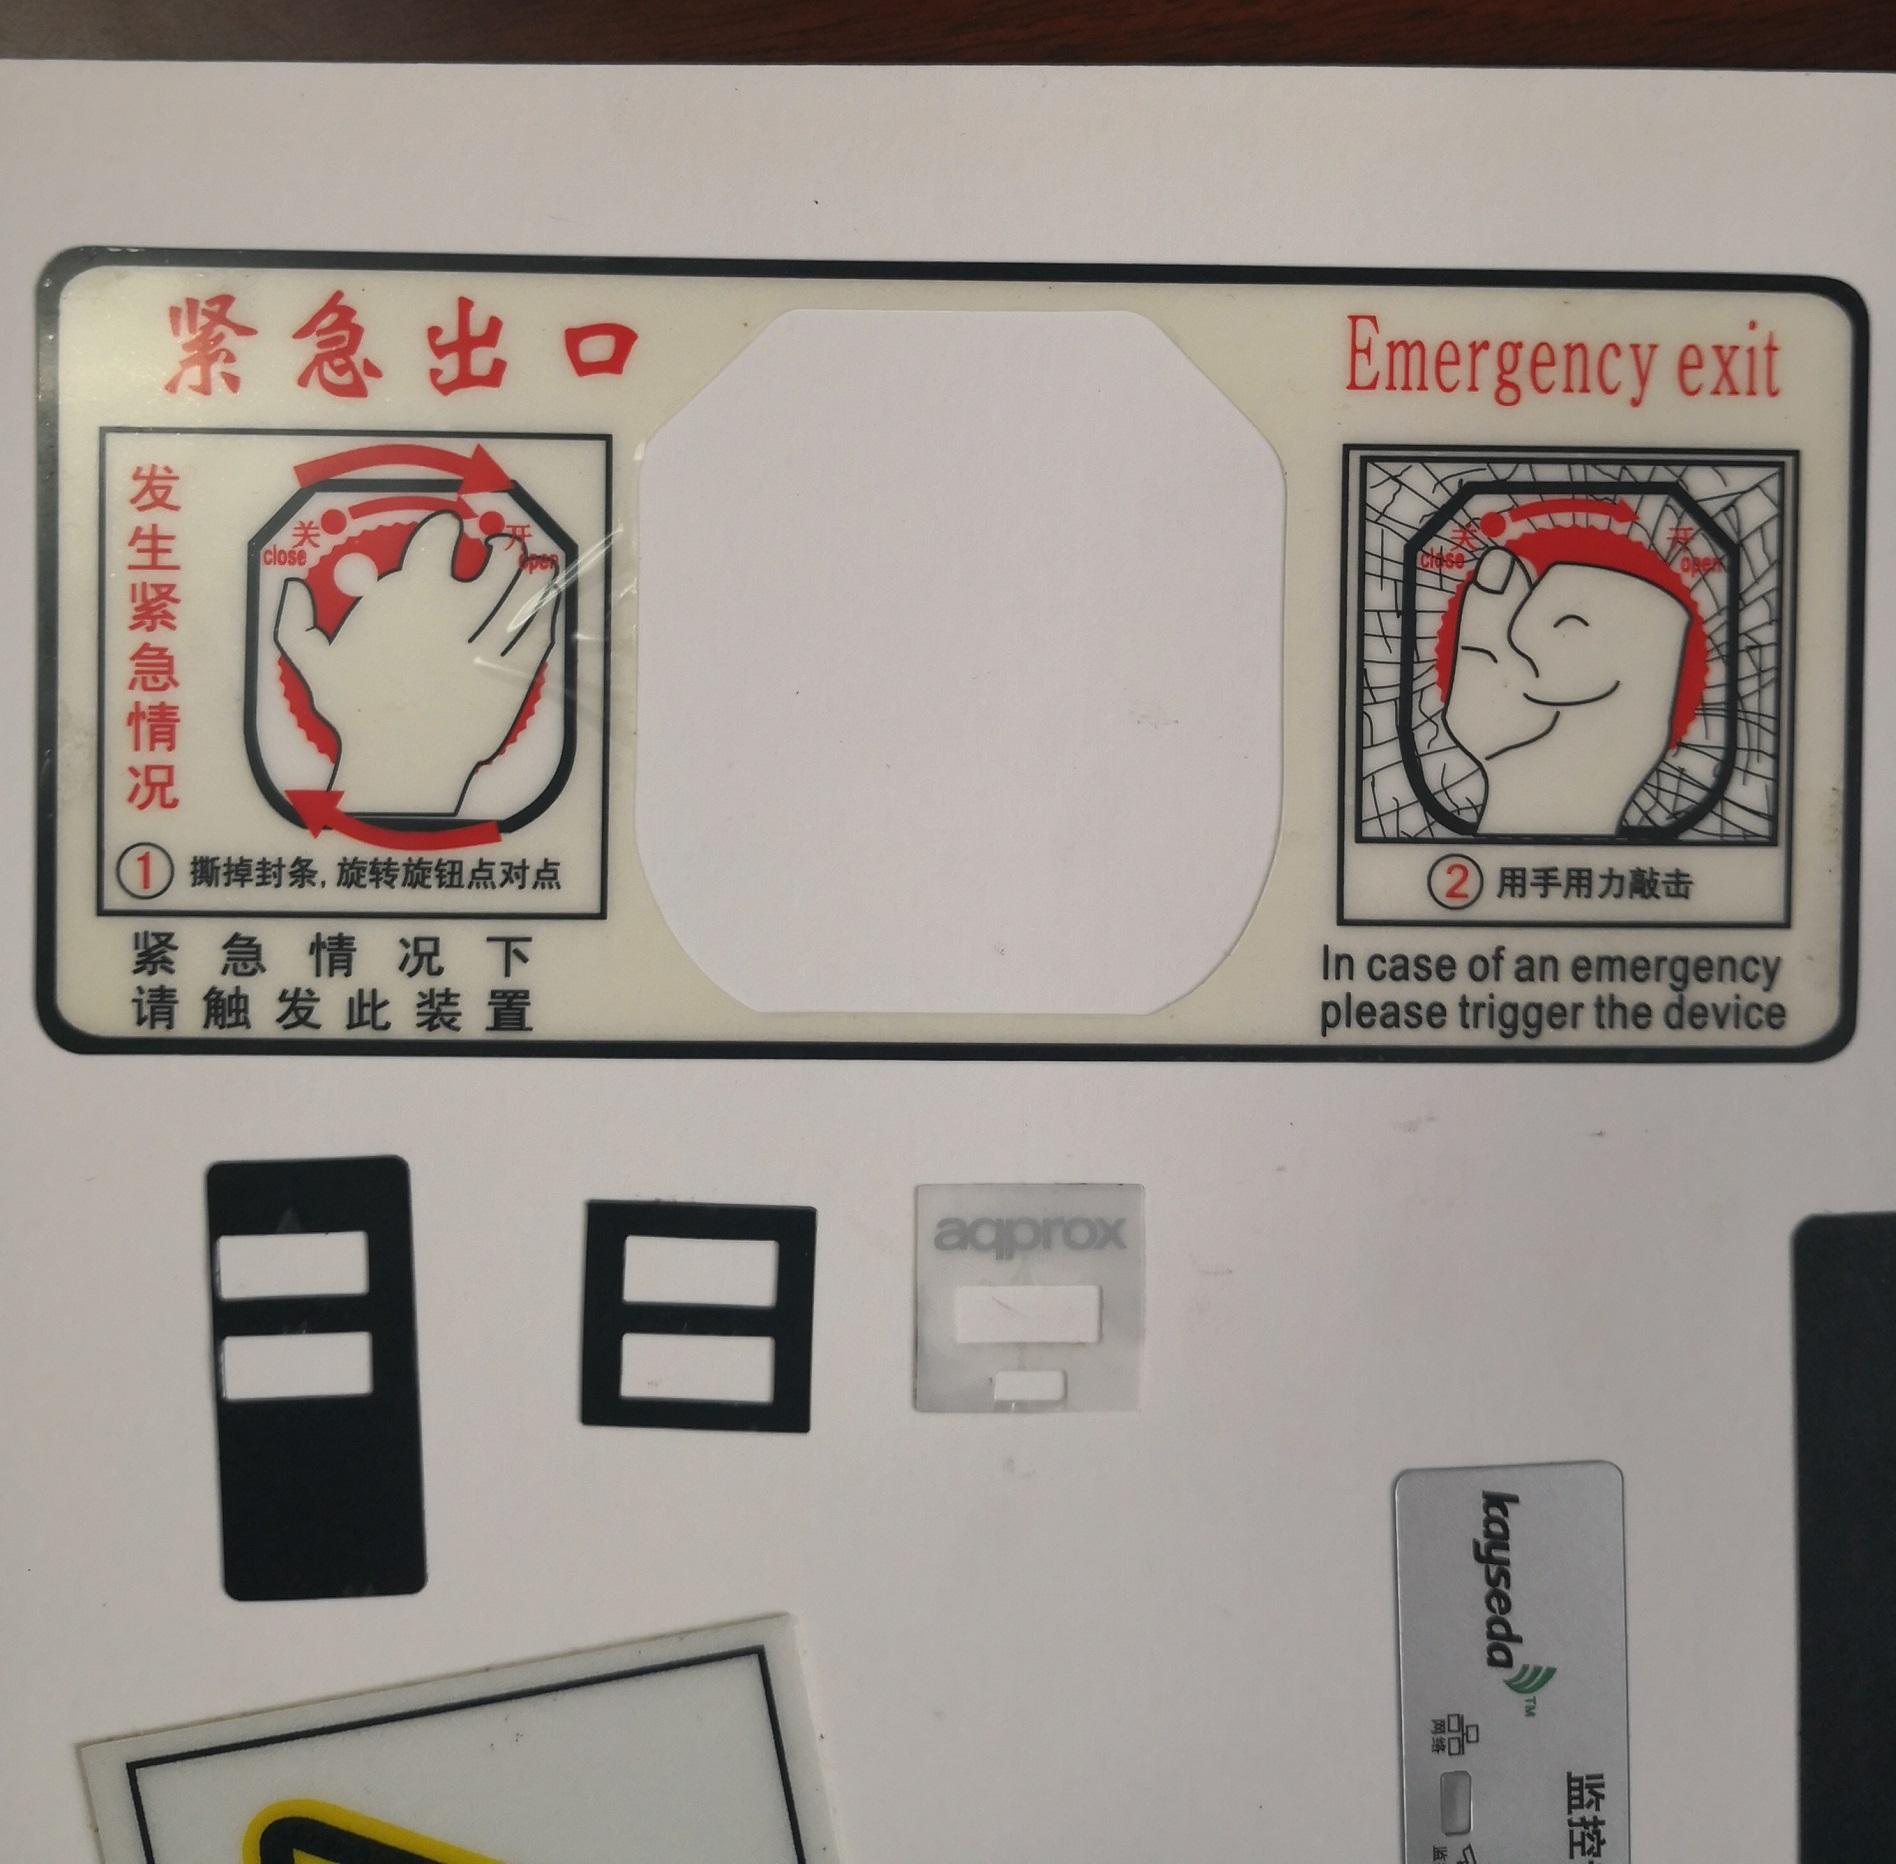 驻马店定做PC薄膜面板机箱仪表仪器面按键厂家新工艺